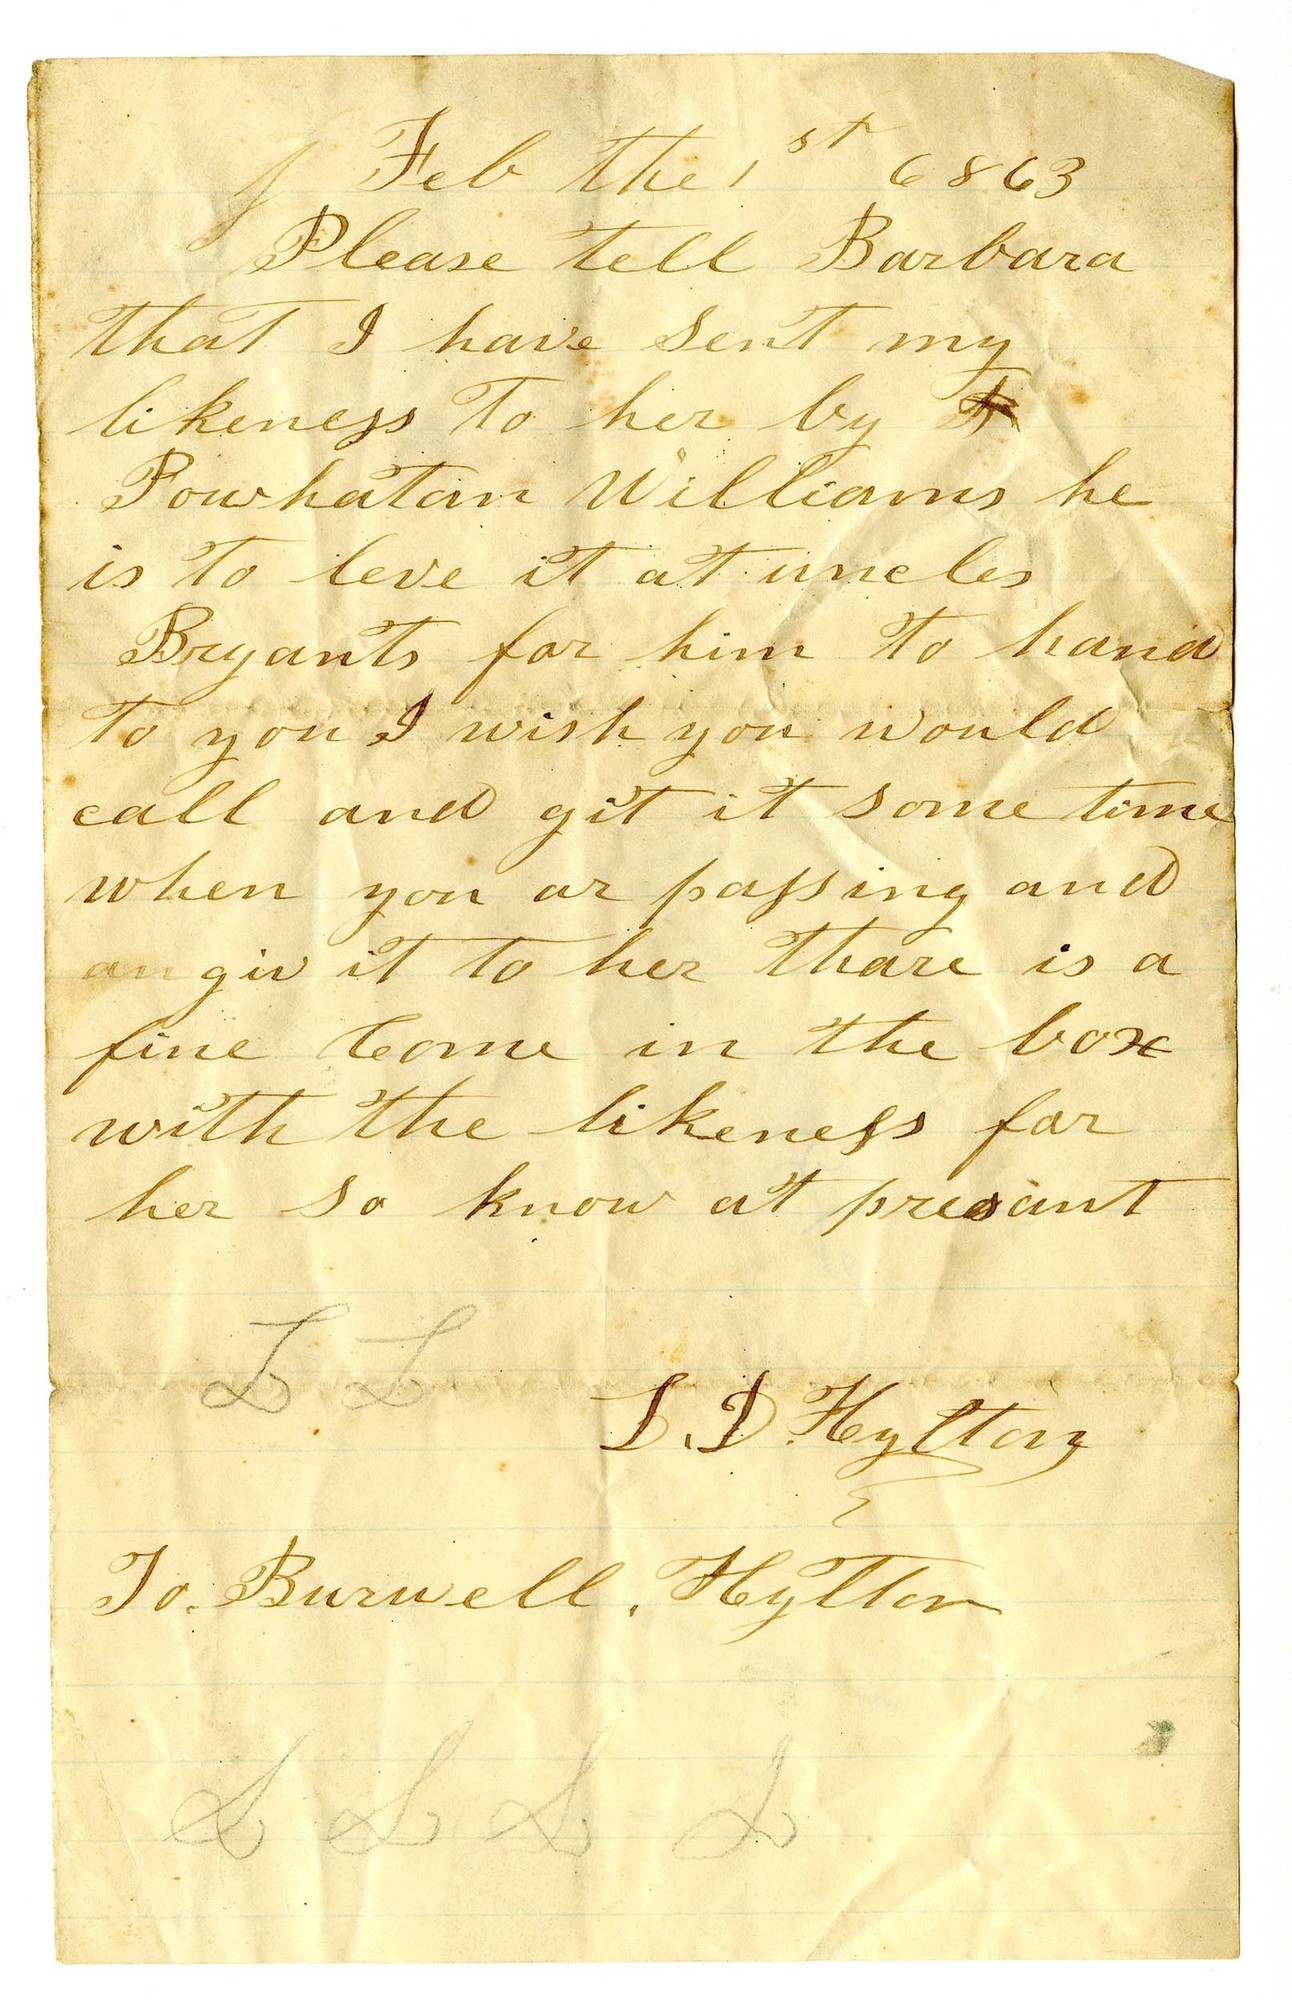 Ms1998_001_HuffHylton_Letter_1863_0201.jpg